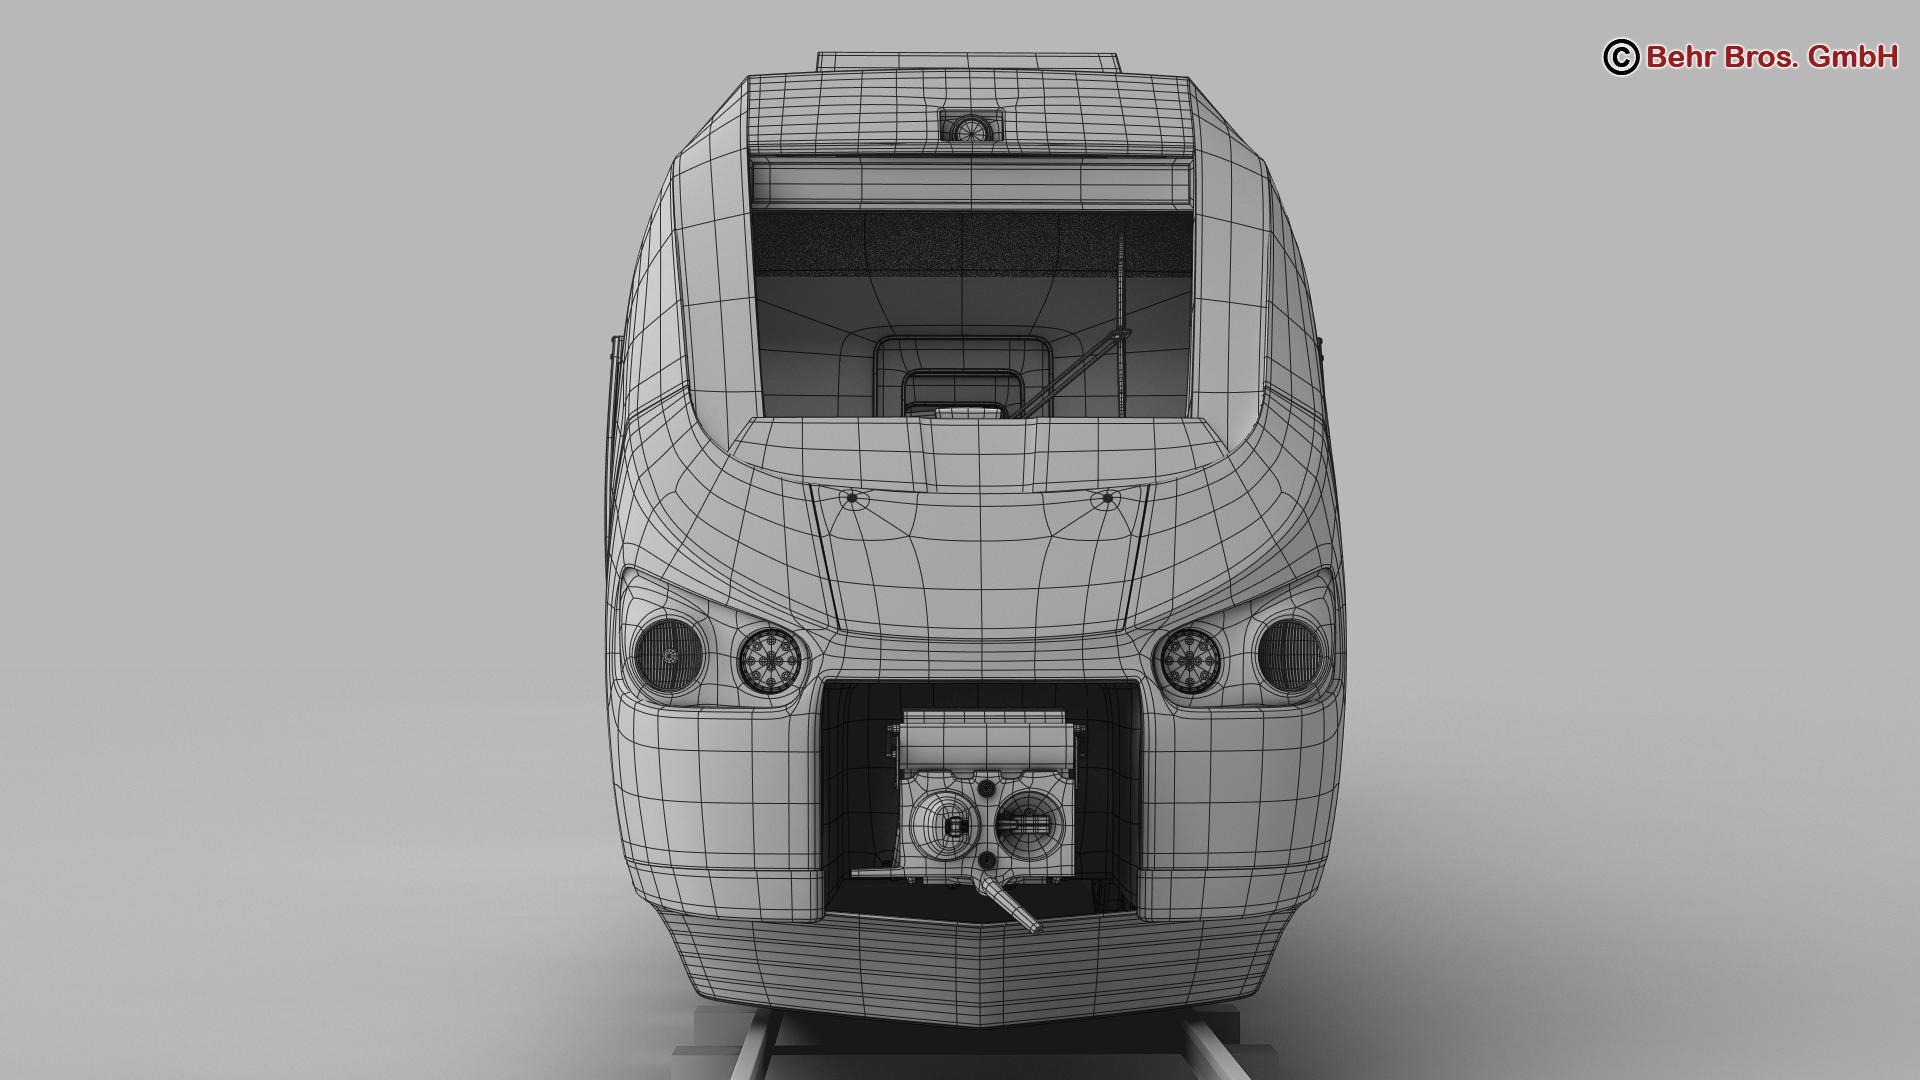 generic commuter train 3d model 3ds max fbx c4d ma mb obj 206625